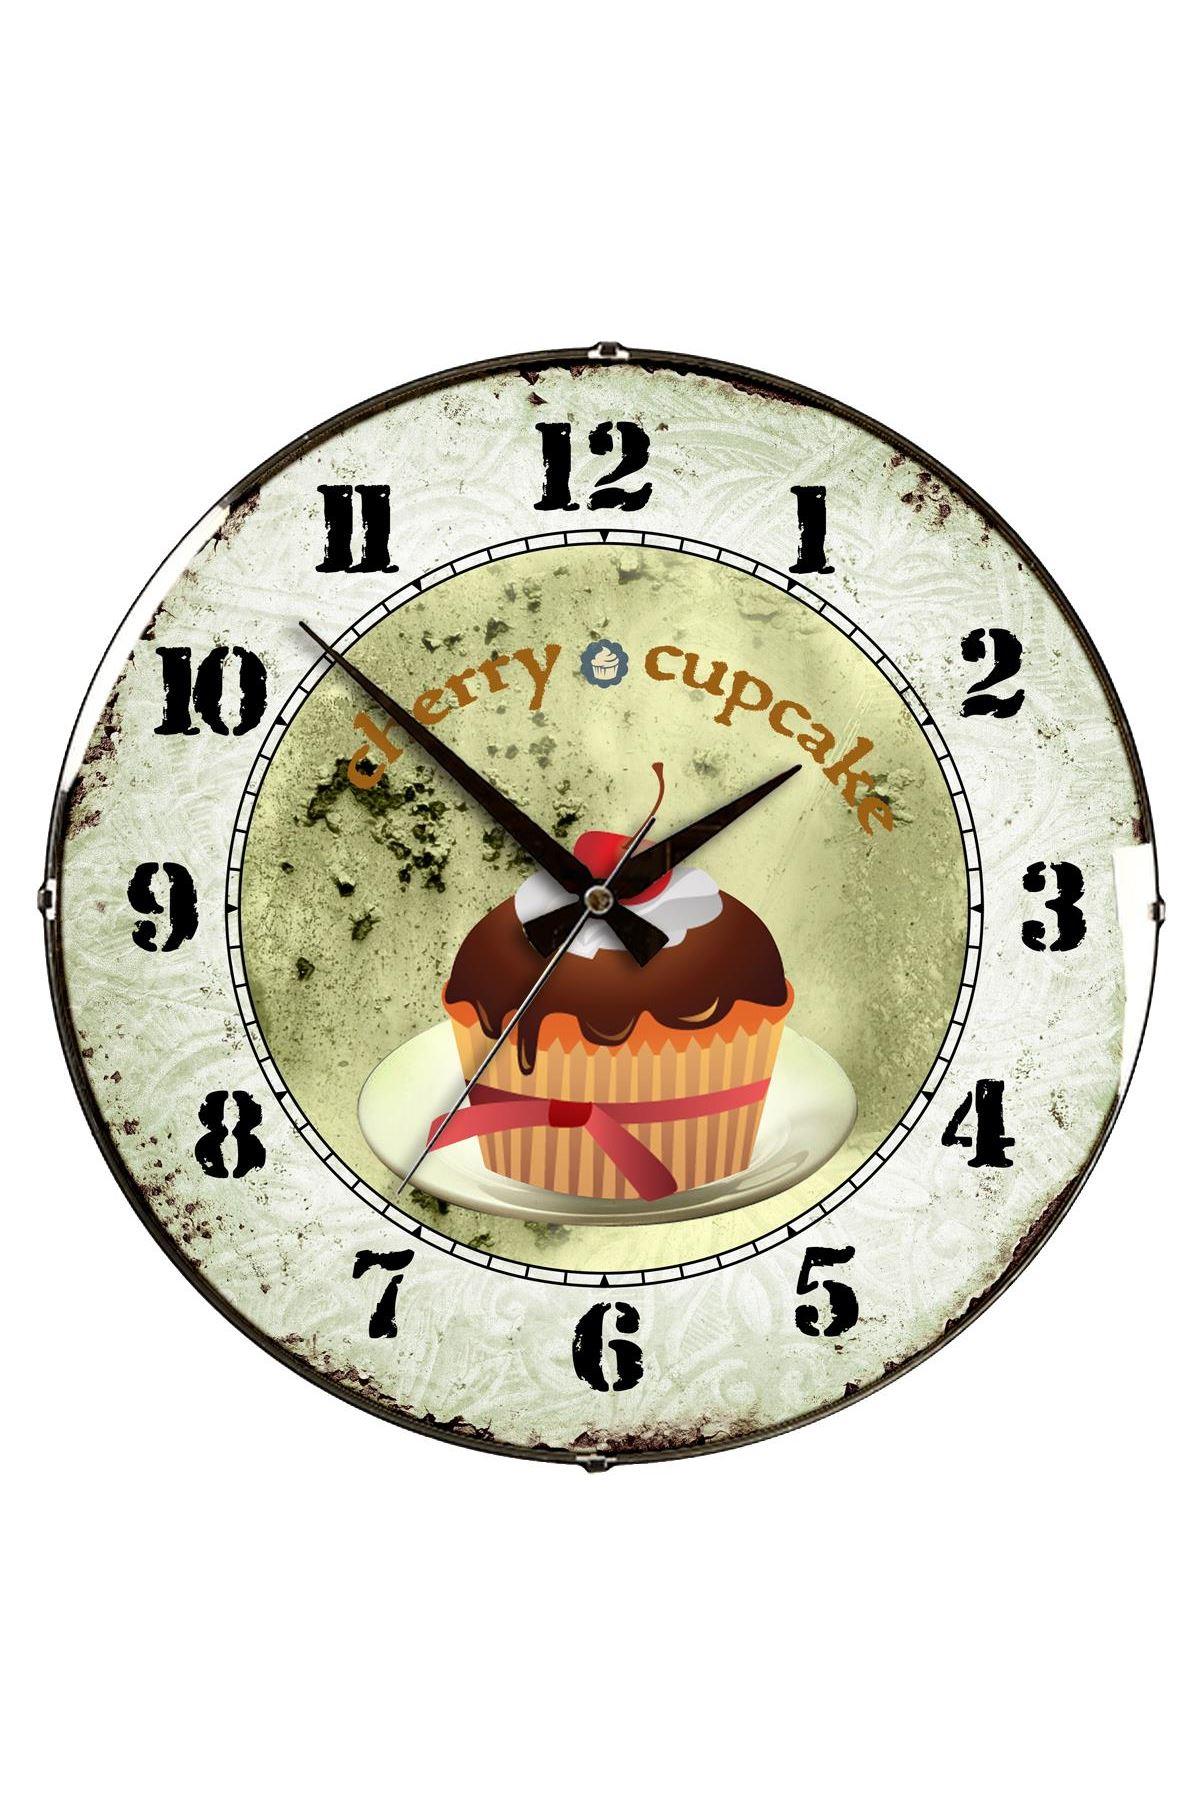 Rikon Cup Kek Mutfak Dekoratif Bombe Camlı Duvar Saati 35X35 Cm